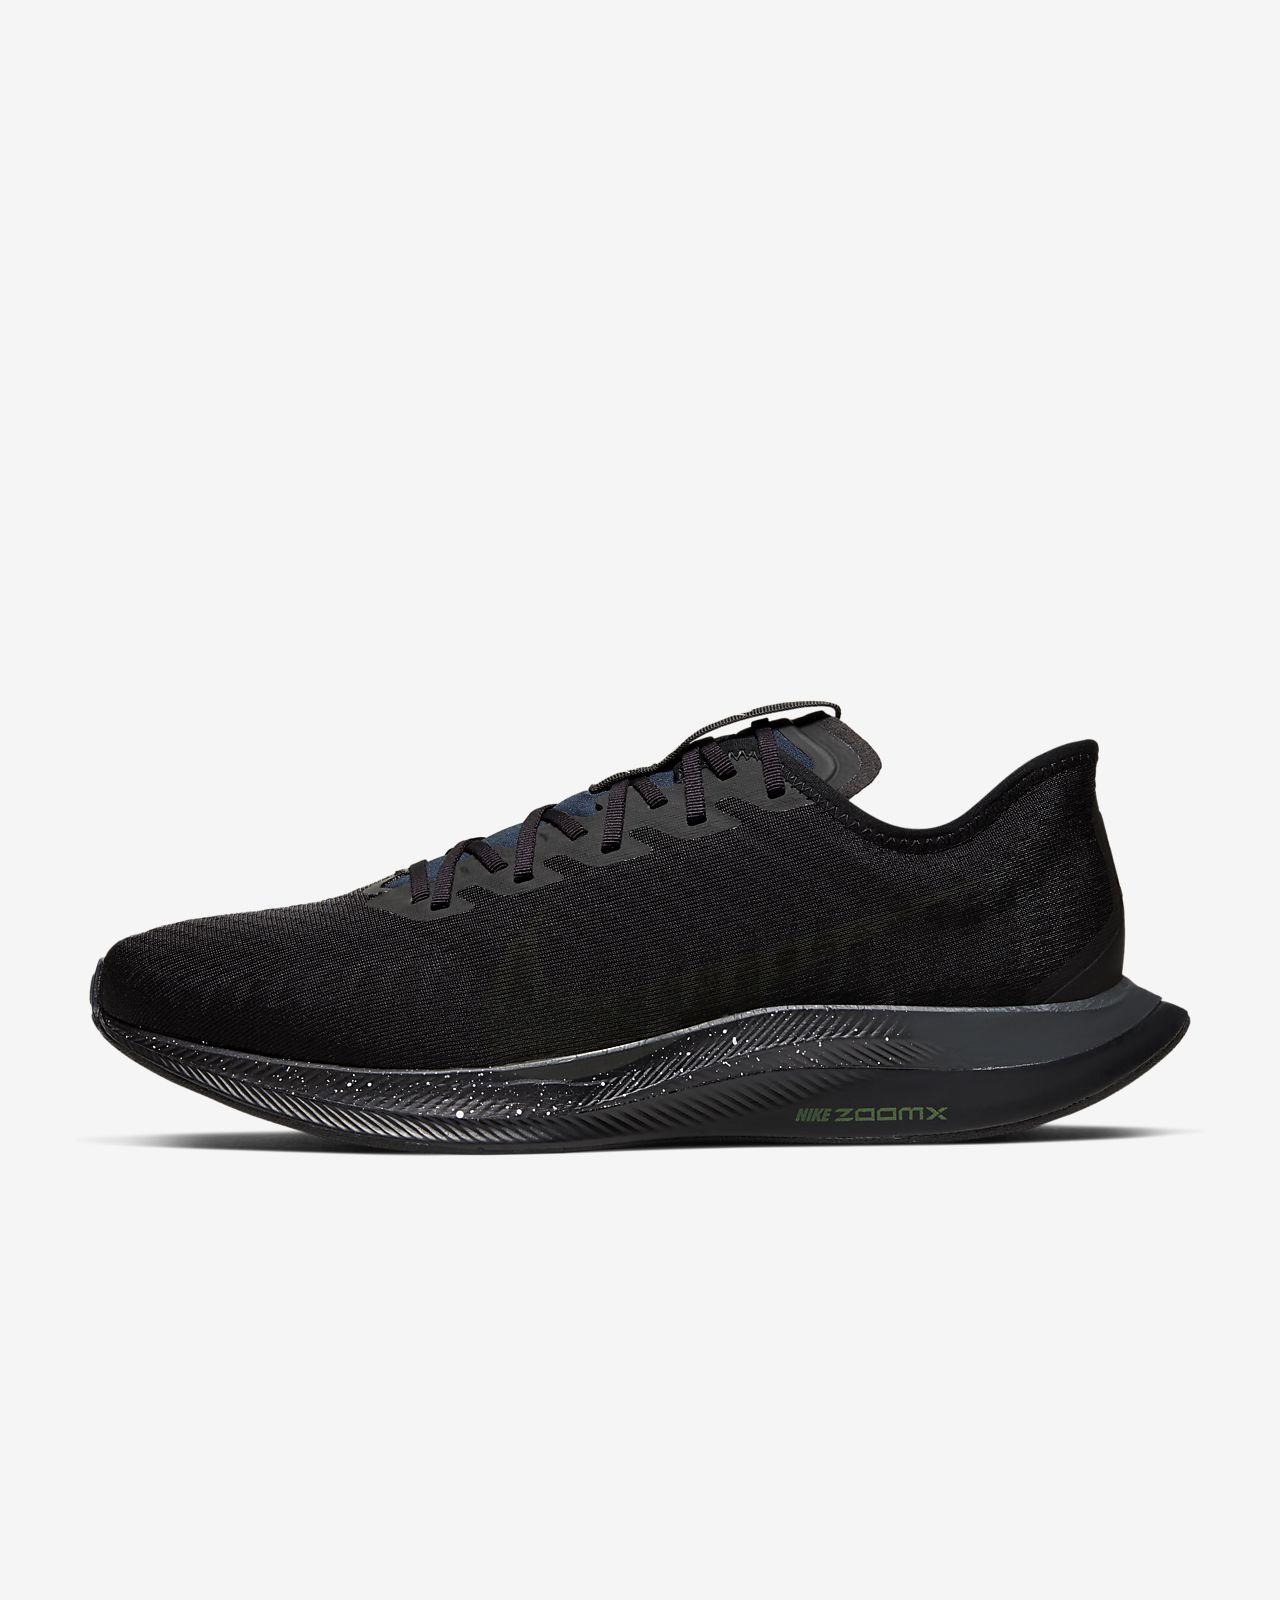 Nike Zoom Pegasus Turbo 2 SE Hardloopschoen voor heren